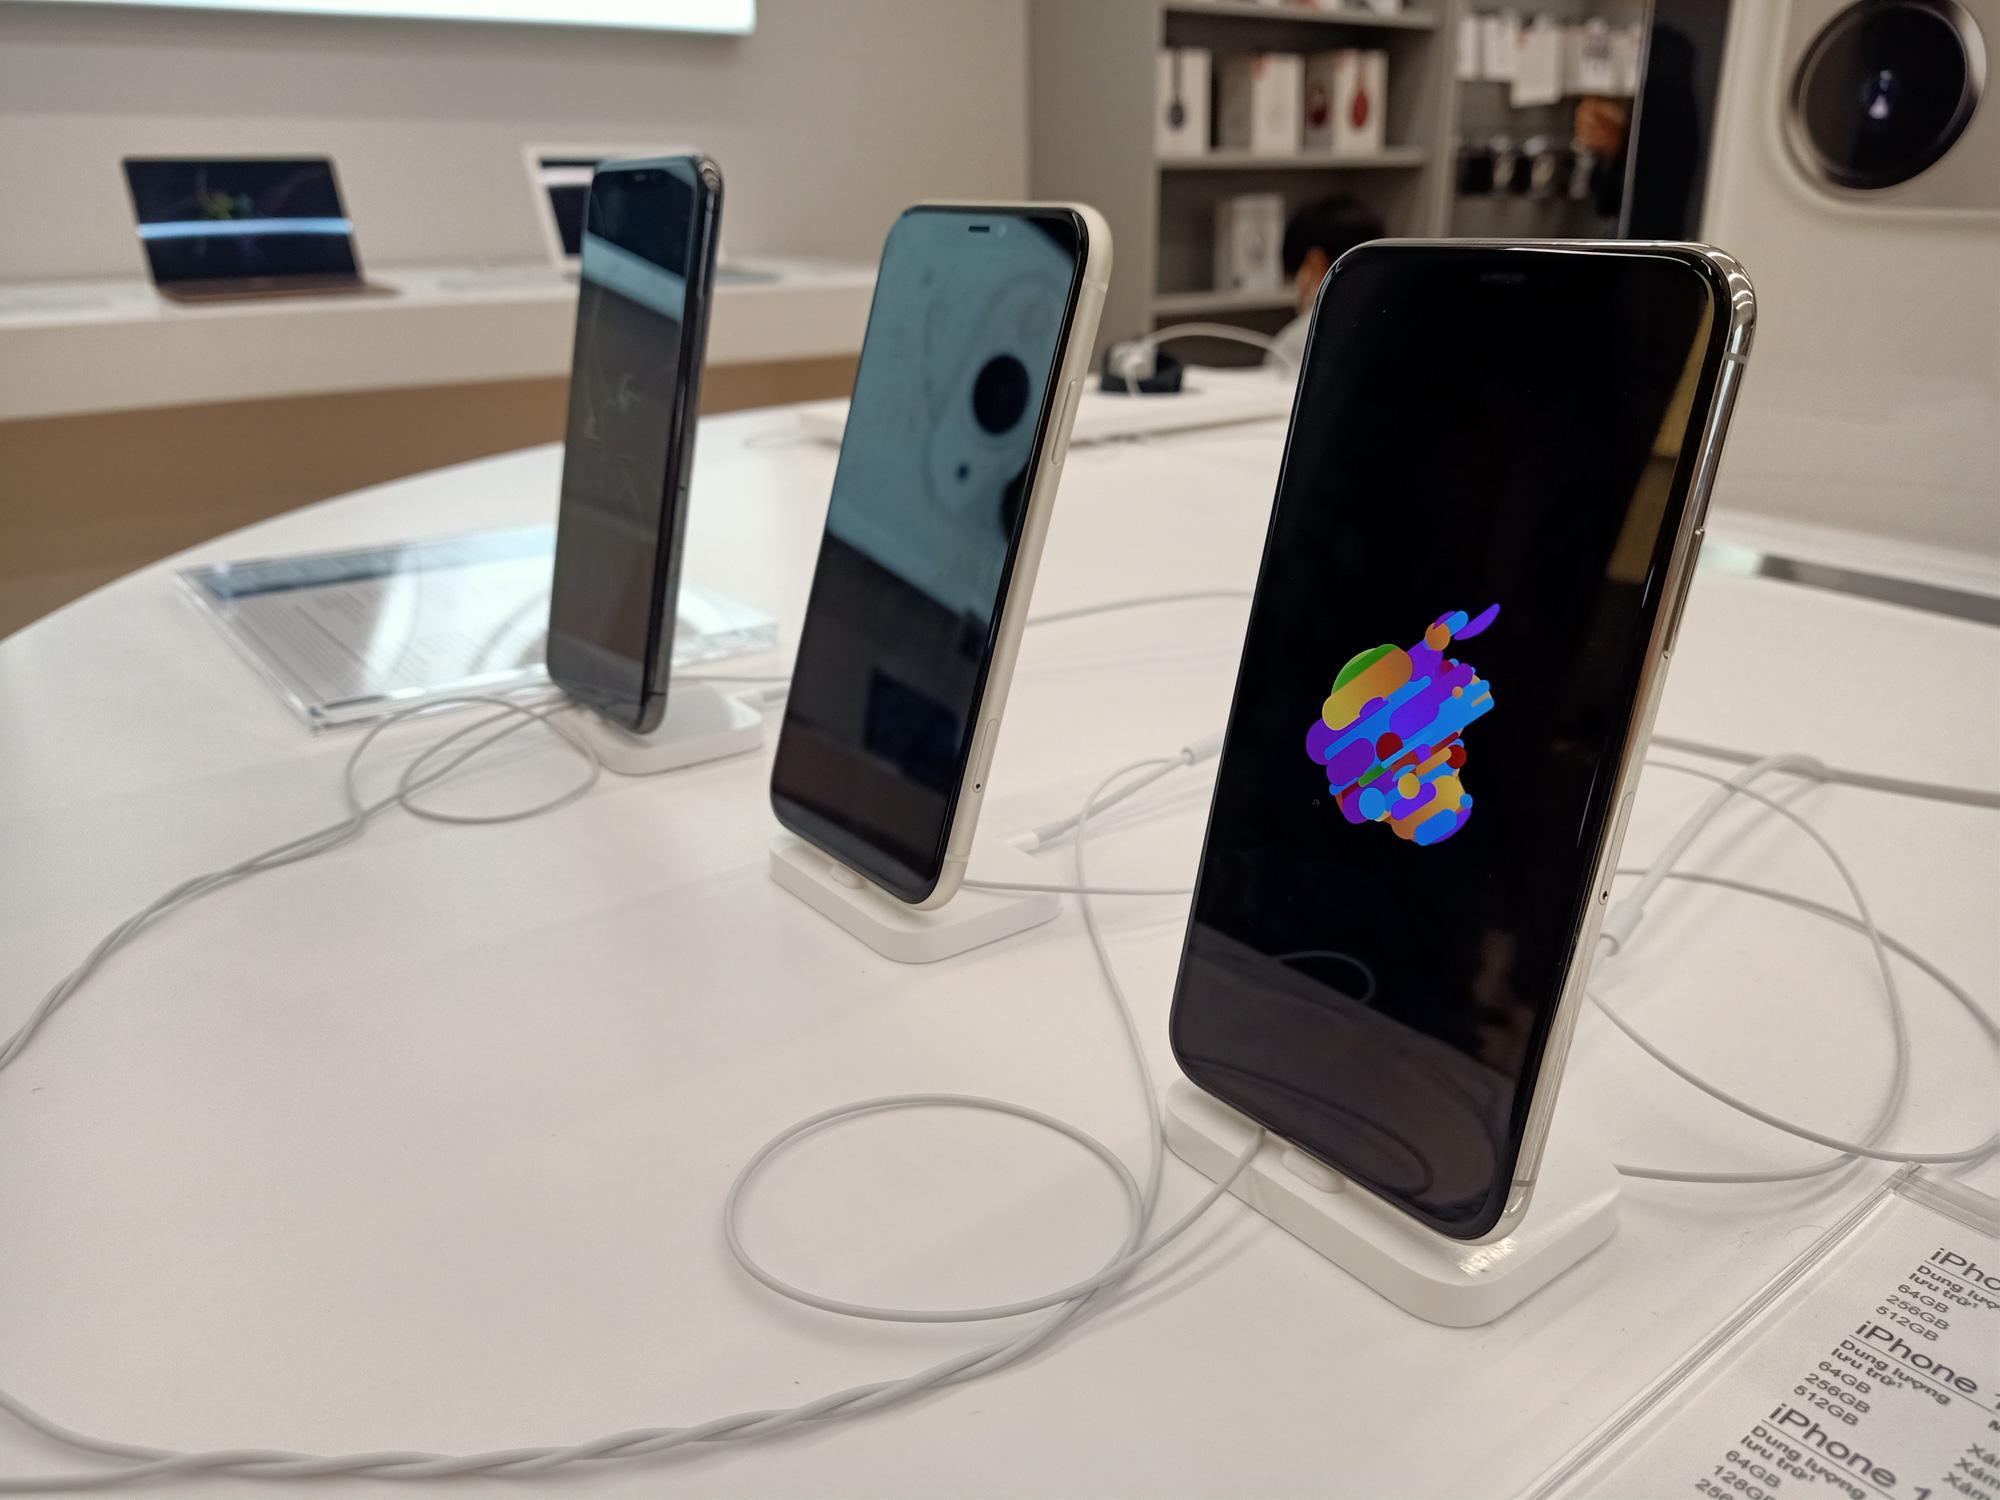 Điện thoại giảm giá tuần này: iPhone biến động nhẹ, Samsung vẫn tiếp tục tung ưu đãi - Ảnh 2.